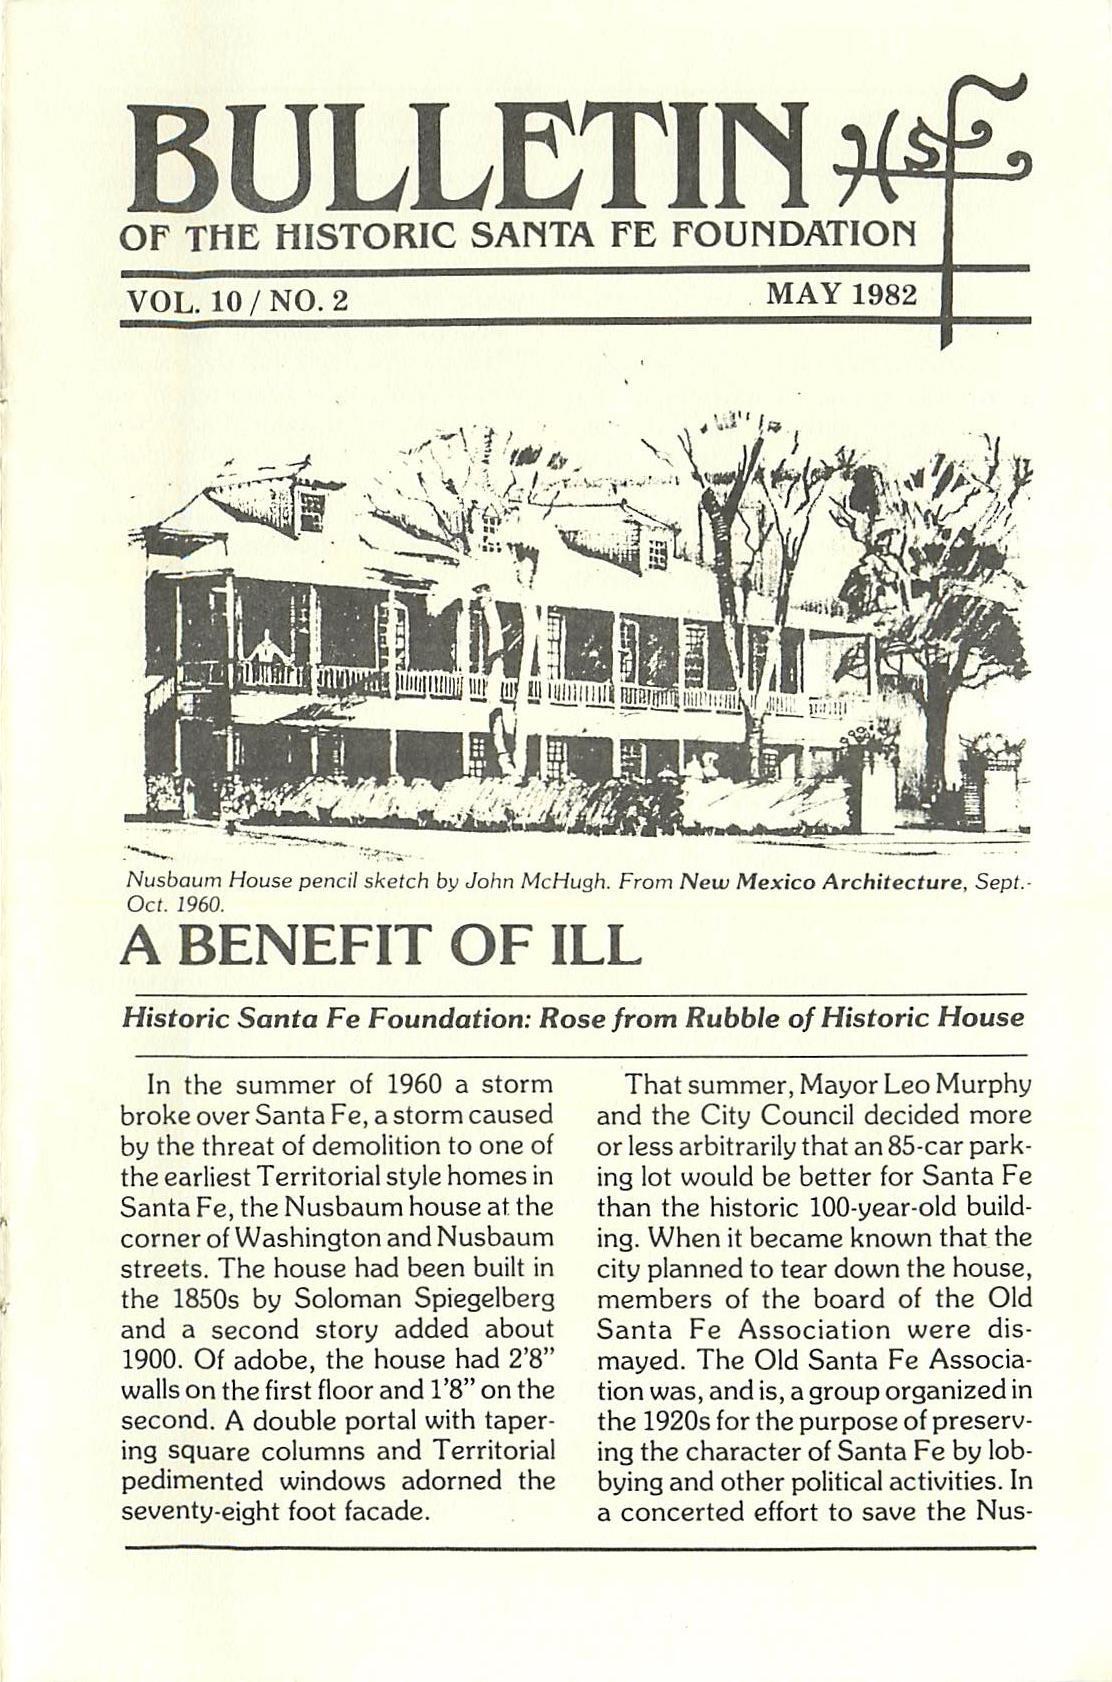 1982 HSFF Bulletin Vol.10 No.2 Cover